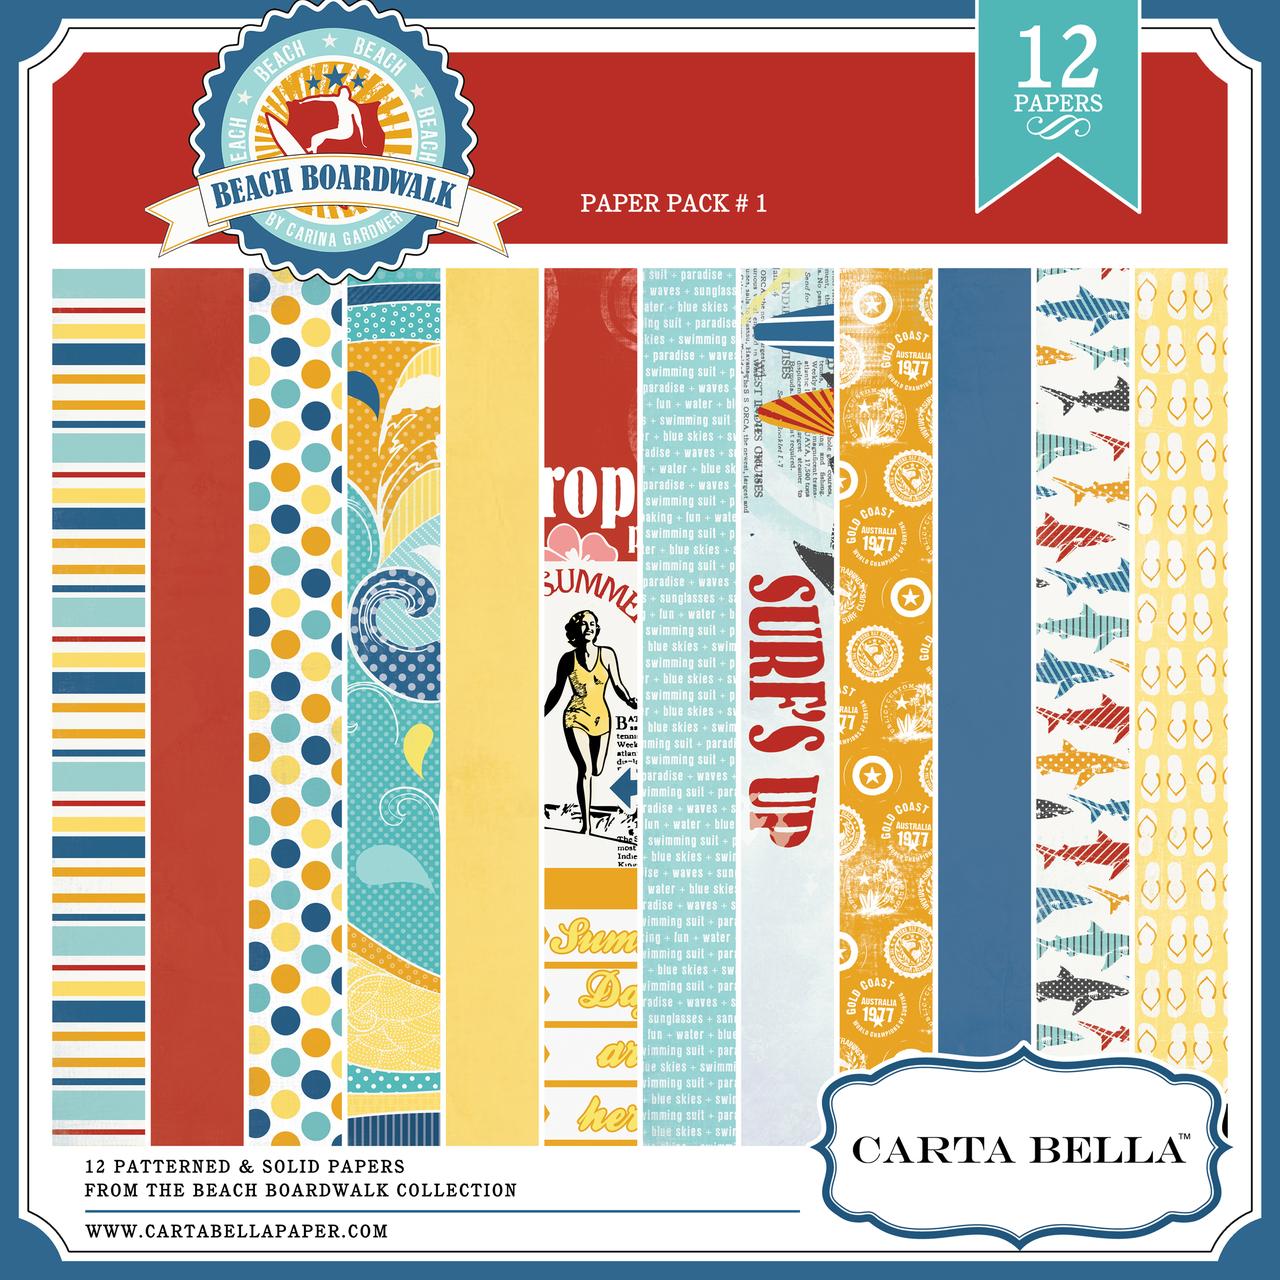 BEACH BOARDWALK Paper Pack 1